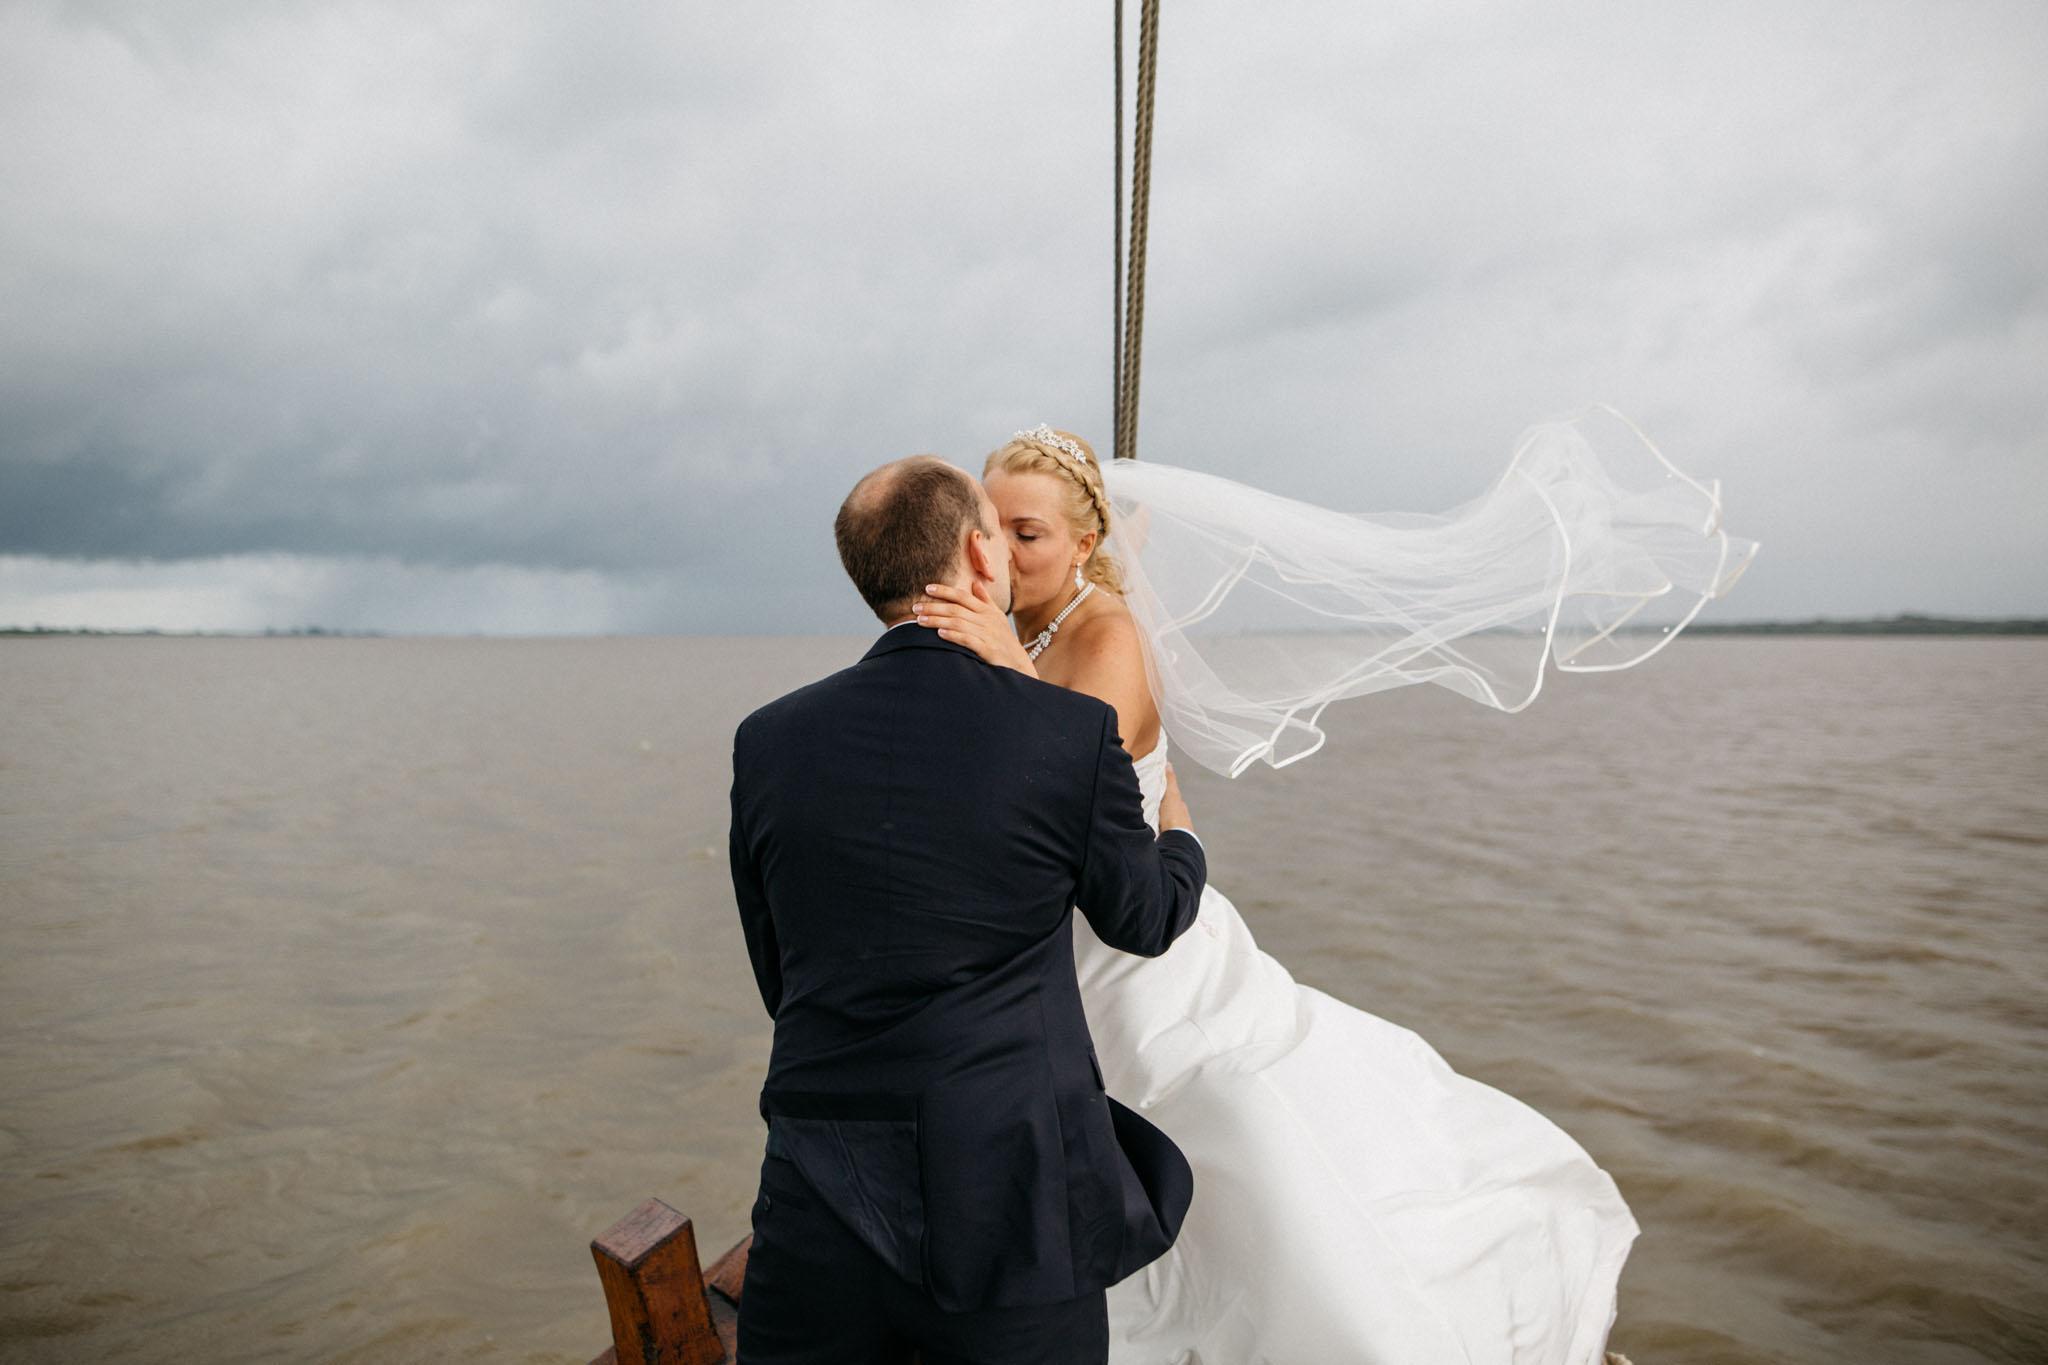 SönkeMahs-Hochzeit-Sina&Raimund-www.smahs.de-#1.jpg